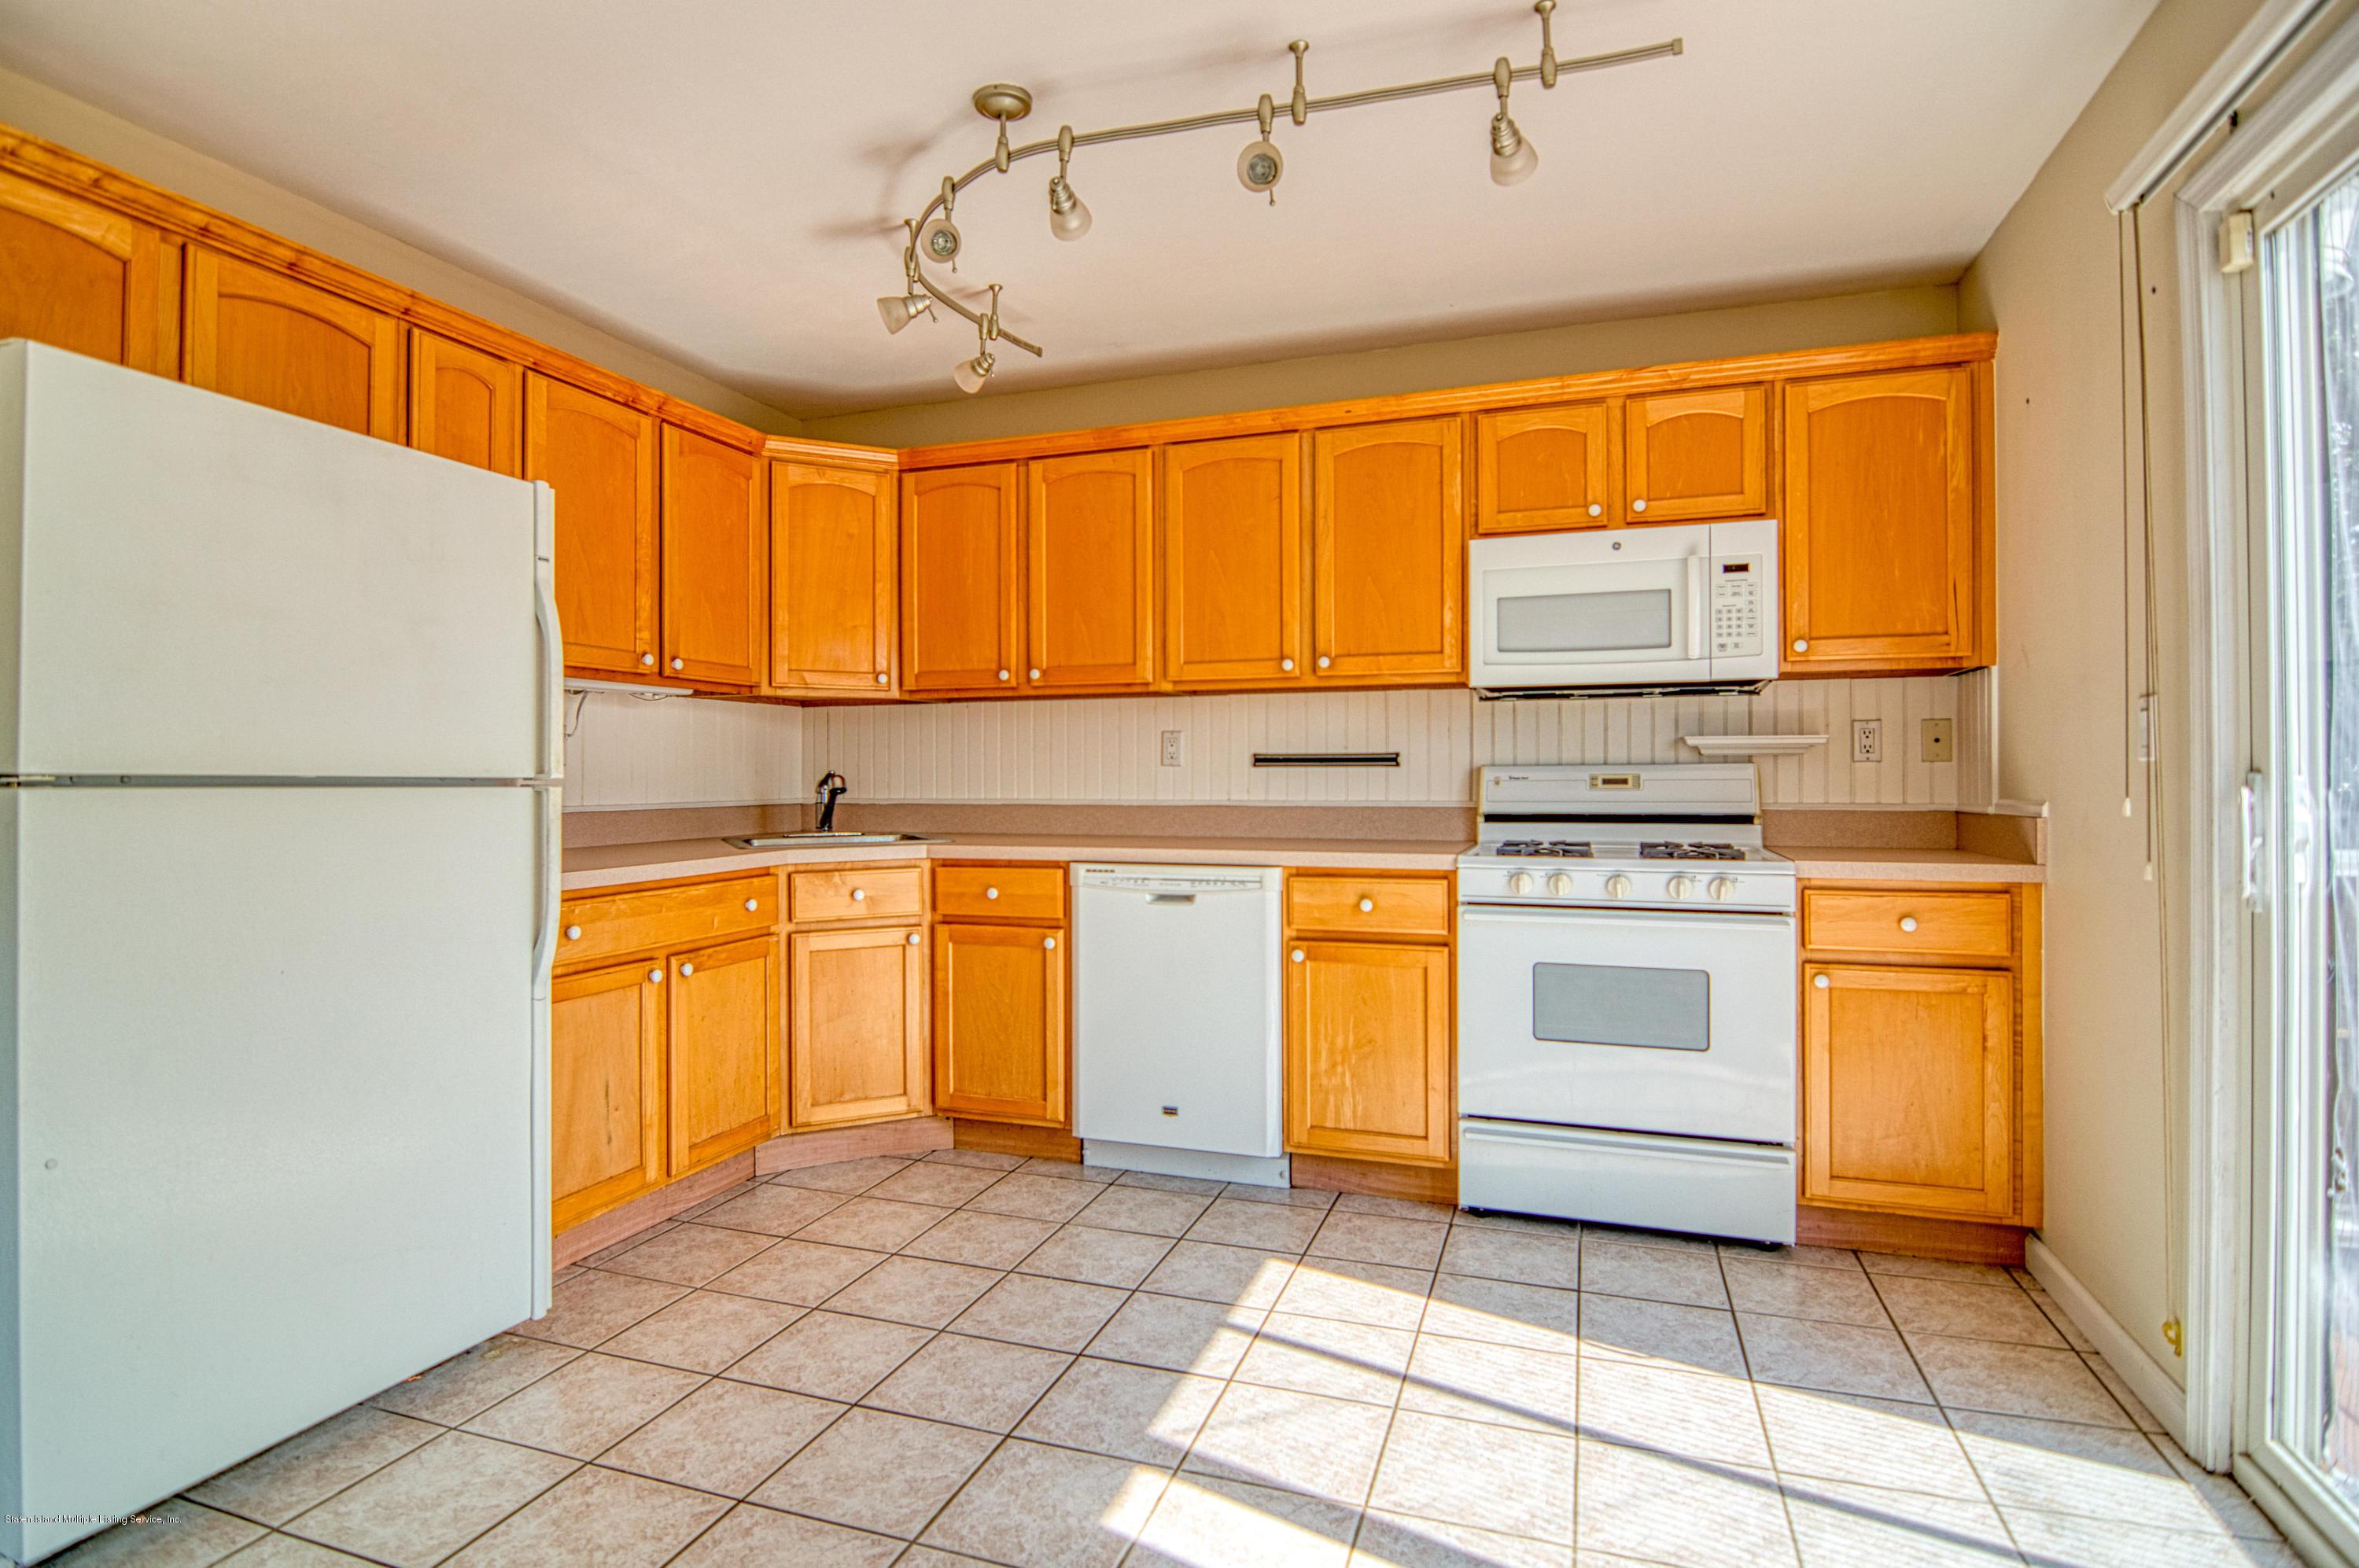 Single Family - Semi-Attached 87 Retner Street  Staten Island, NY 10305, MLS-1130963-4